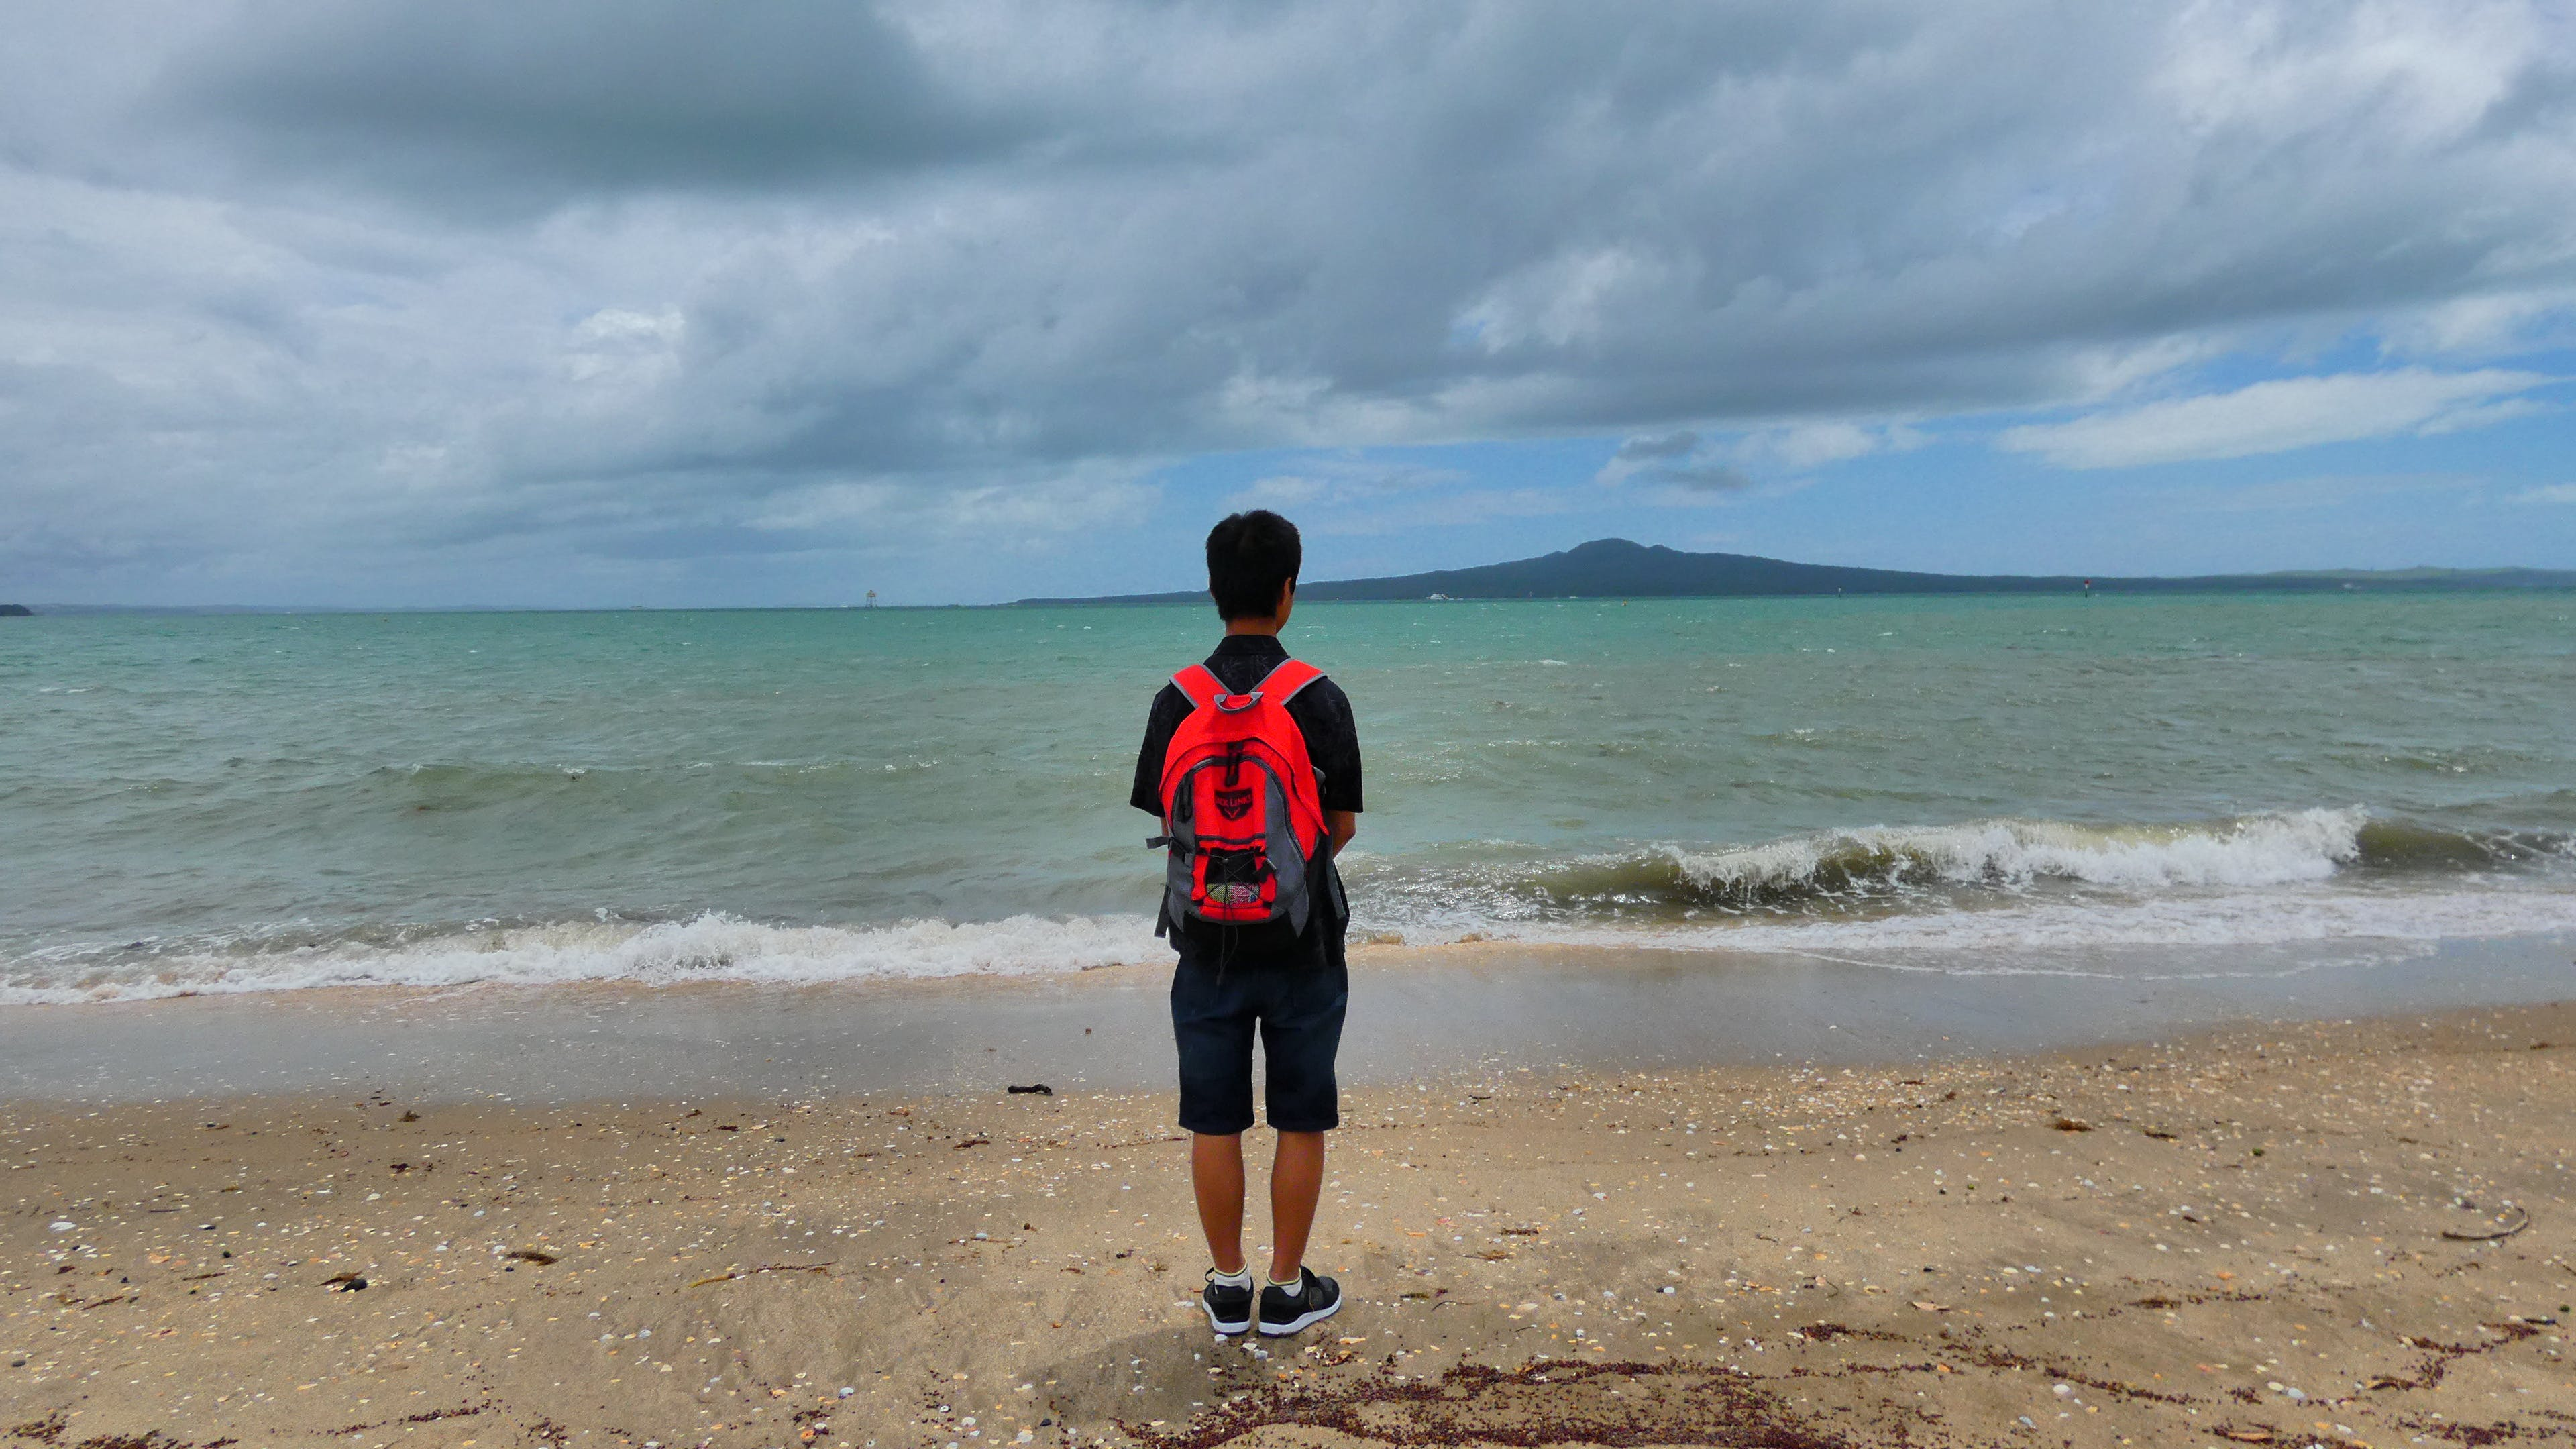 Δωρεάν στοκ φωτογραφιών με αποβάθρα αποστολής, κολέγιο αγόρι, Νέα Ζηλανδία, παραλία